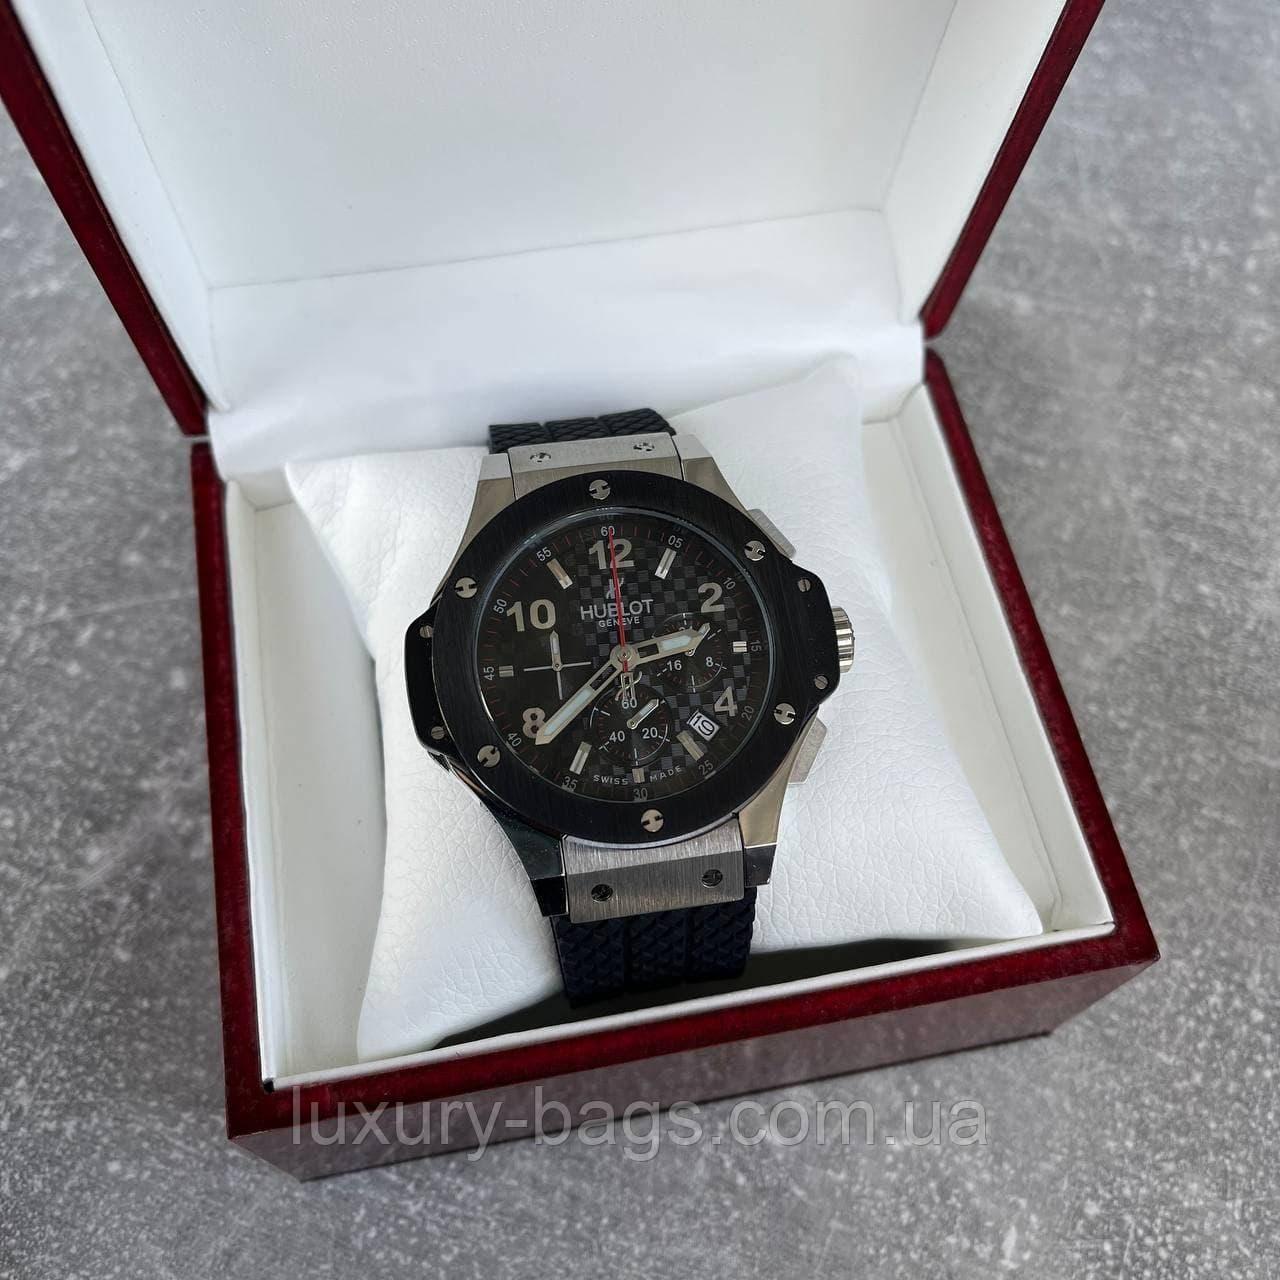 Часы наручные Hubl0t 5829 Chronograph Ceramica